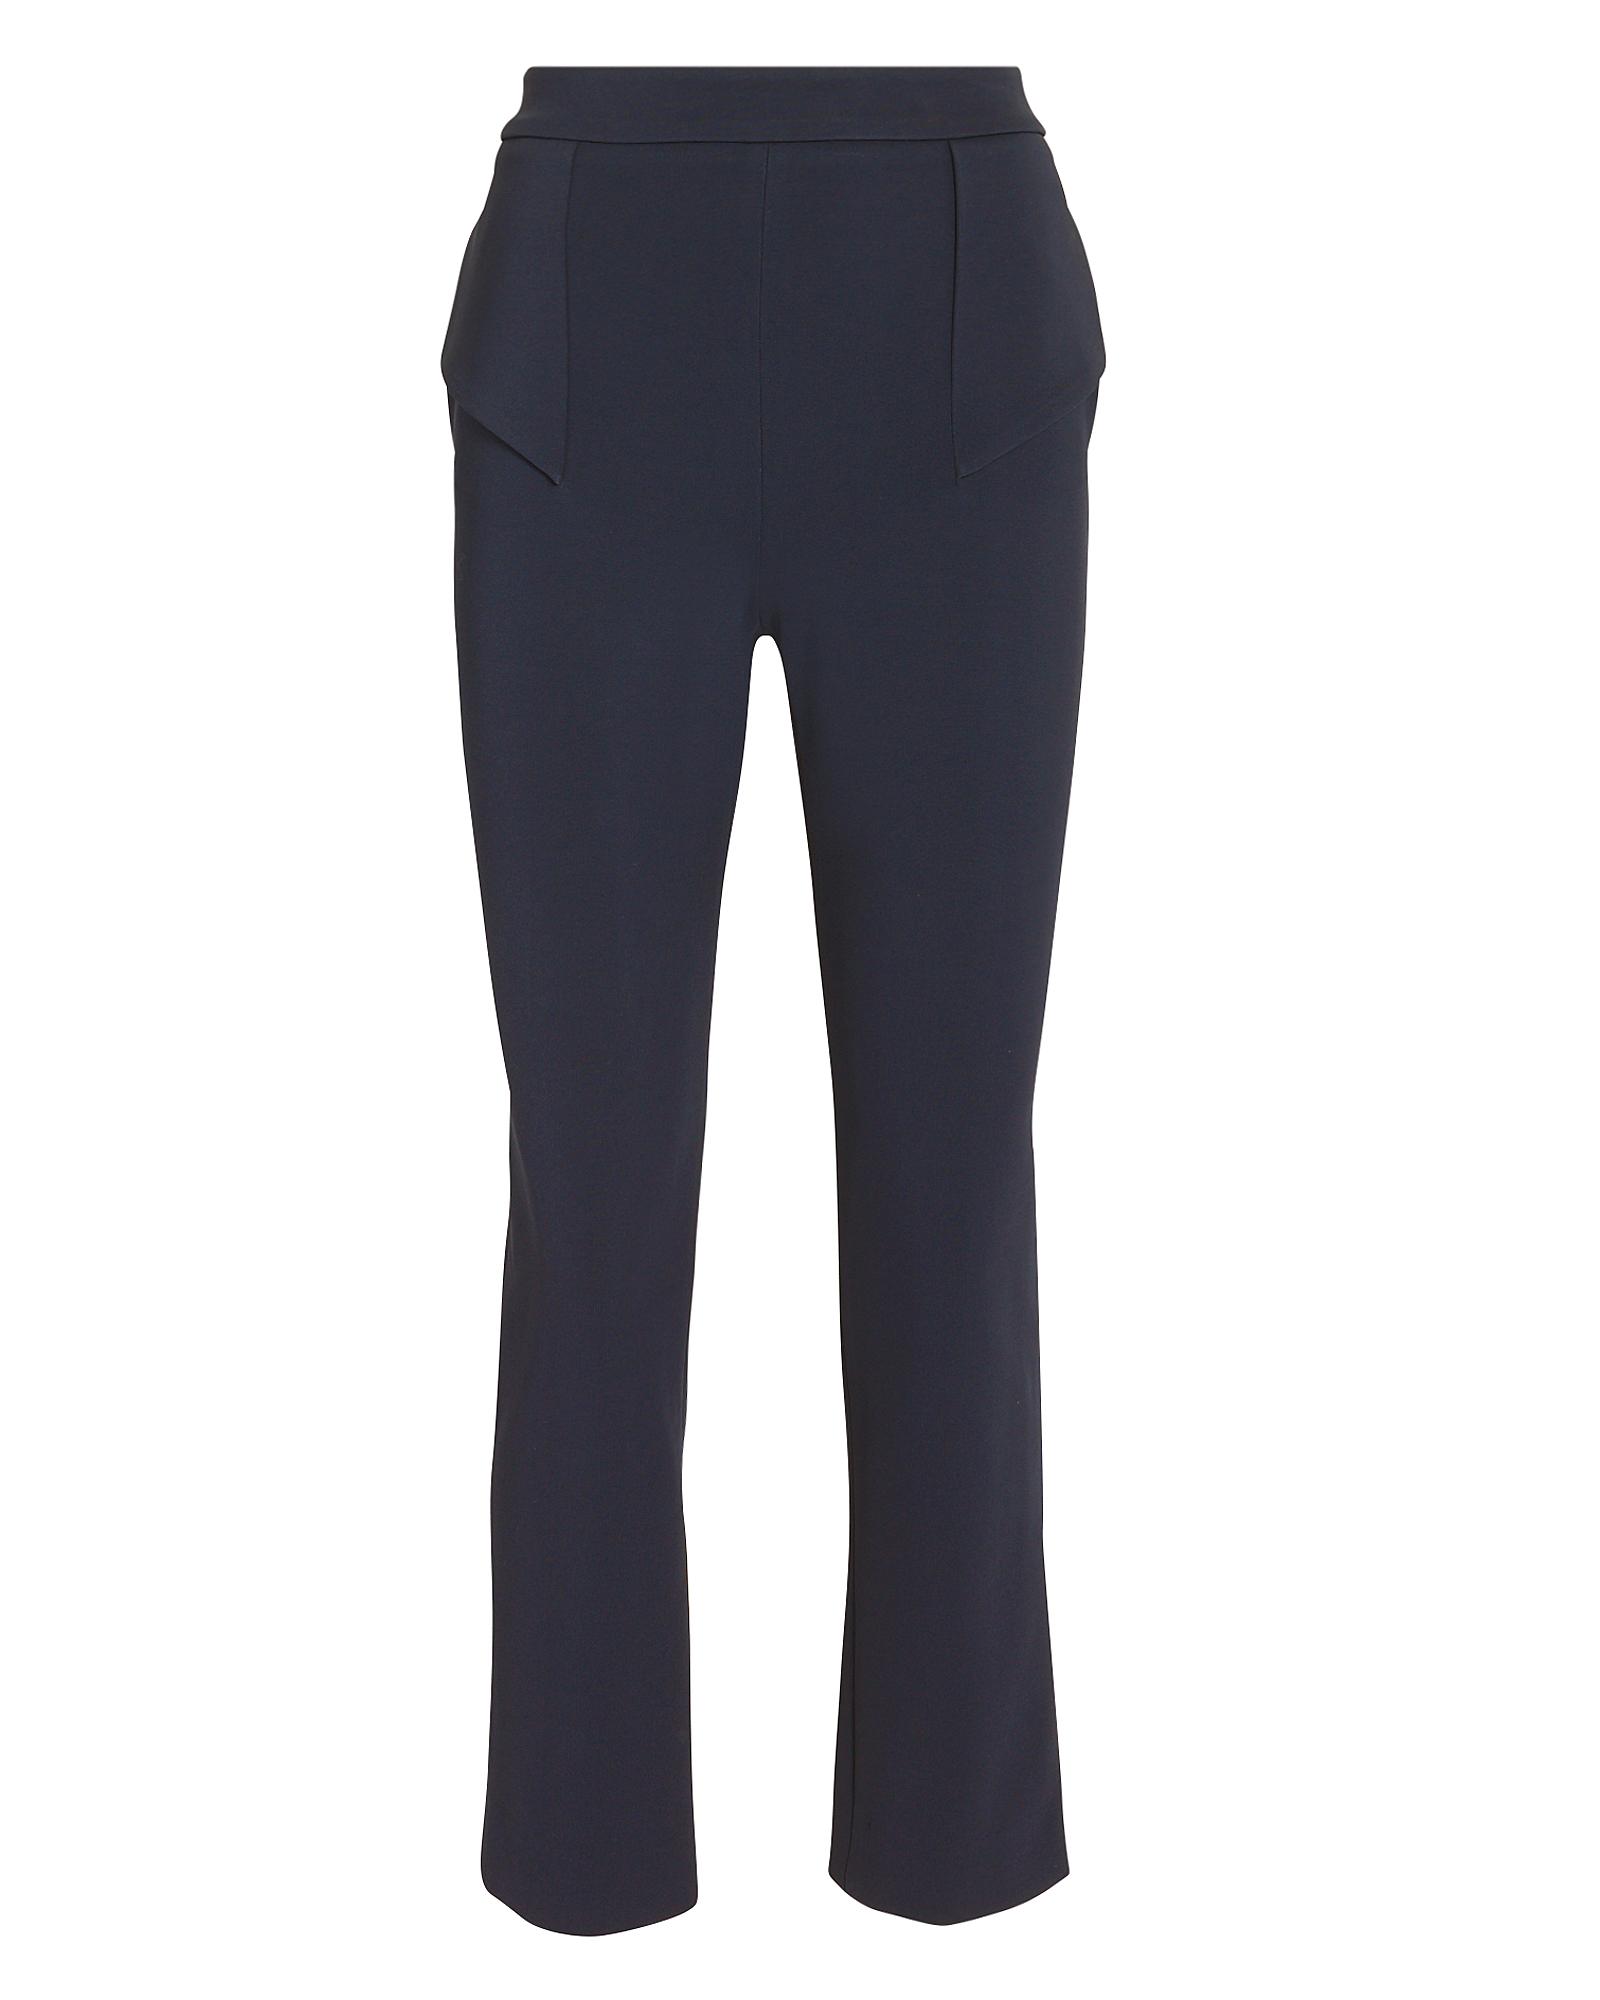 CUSHNIE ET OCHS Julie Cropped Pants